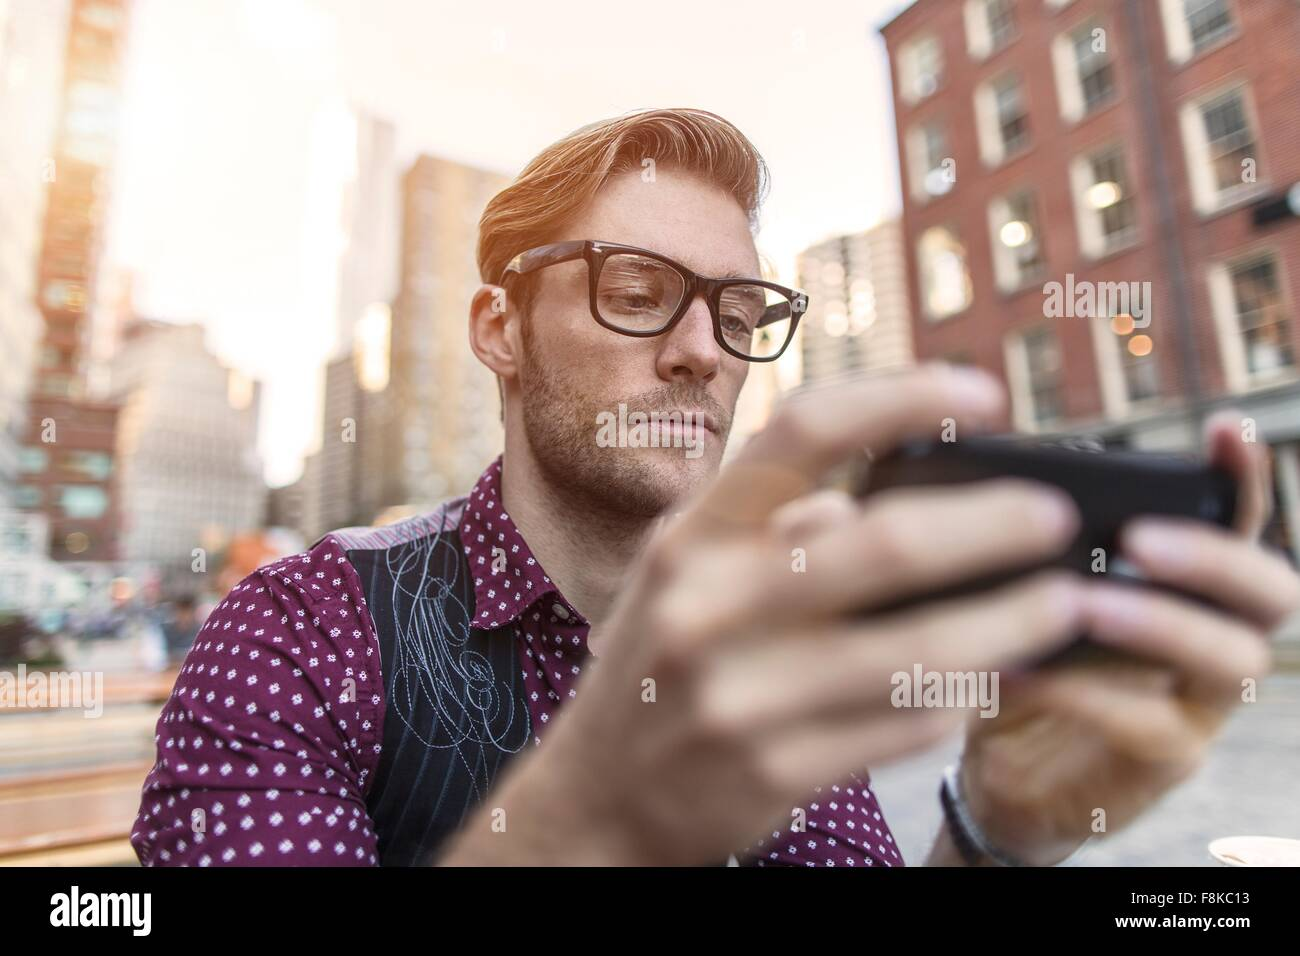 Ernst junger Geschäftsmann lesen Smartphone Text am Straßencafé, New York, USA Stockbild